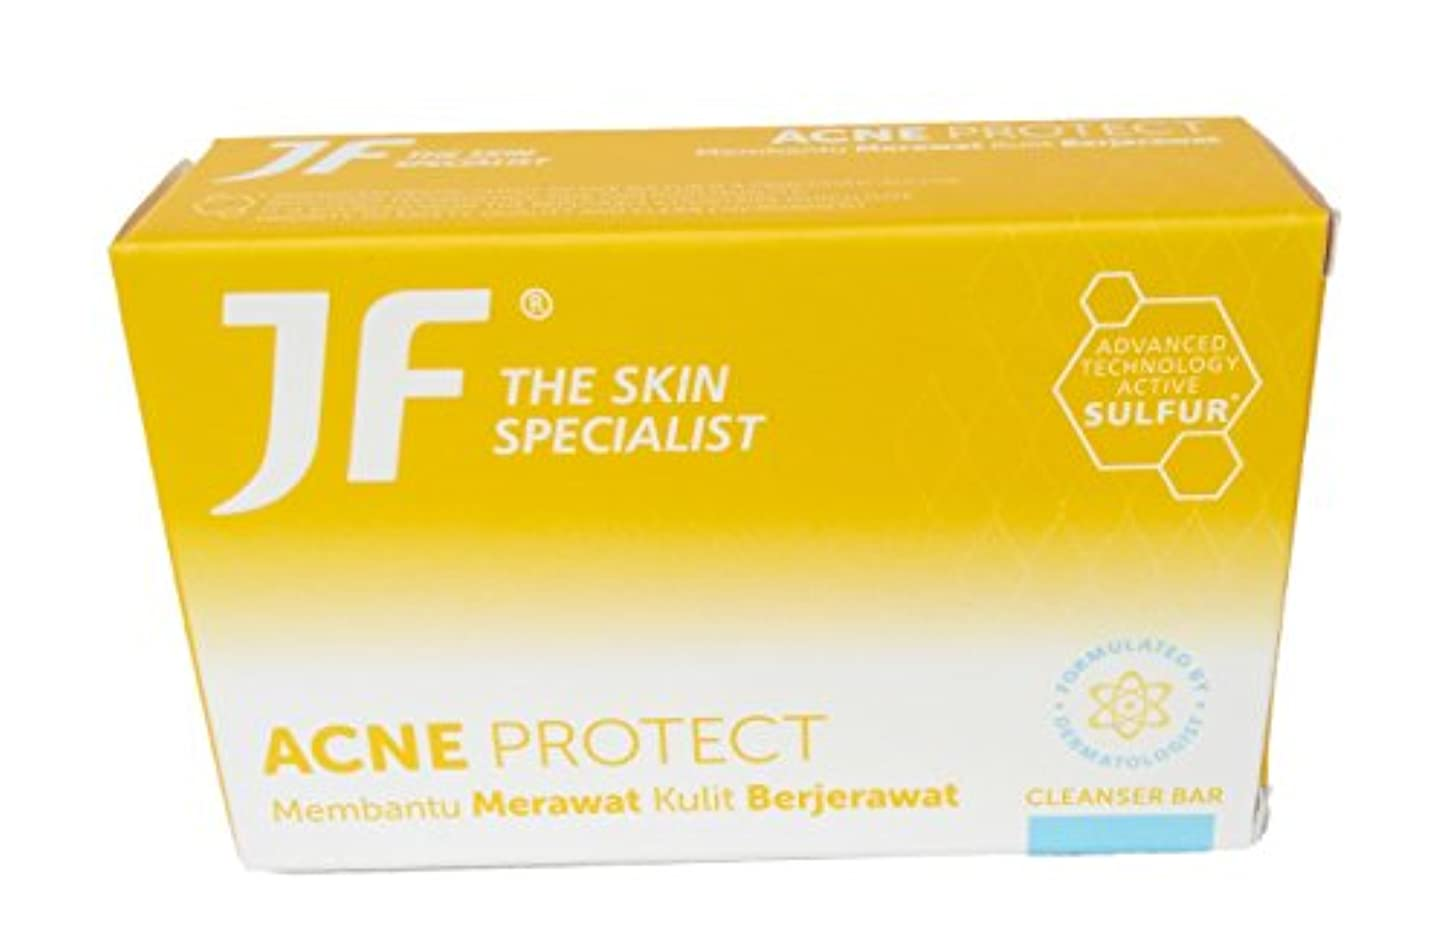 供給貫通するそうでなければJF Sulfur 皮膚科専門医のにきびjf石鹸、90グラムを守ります